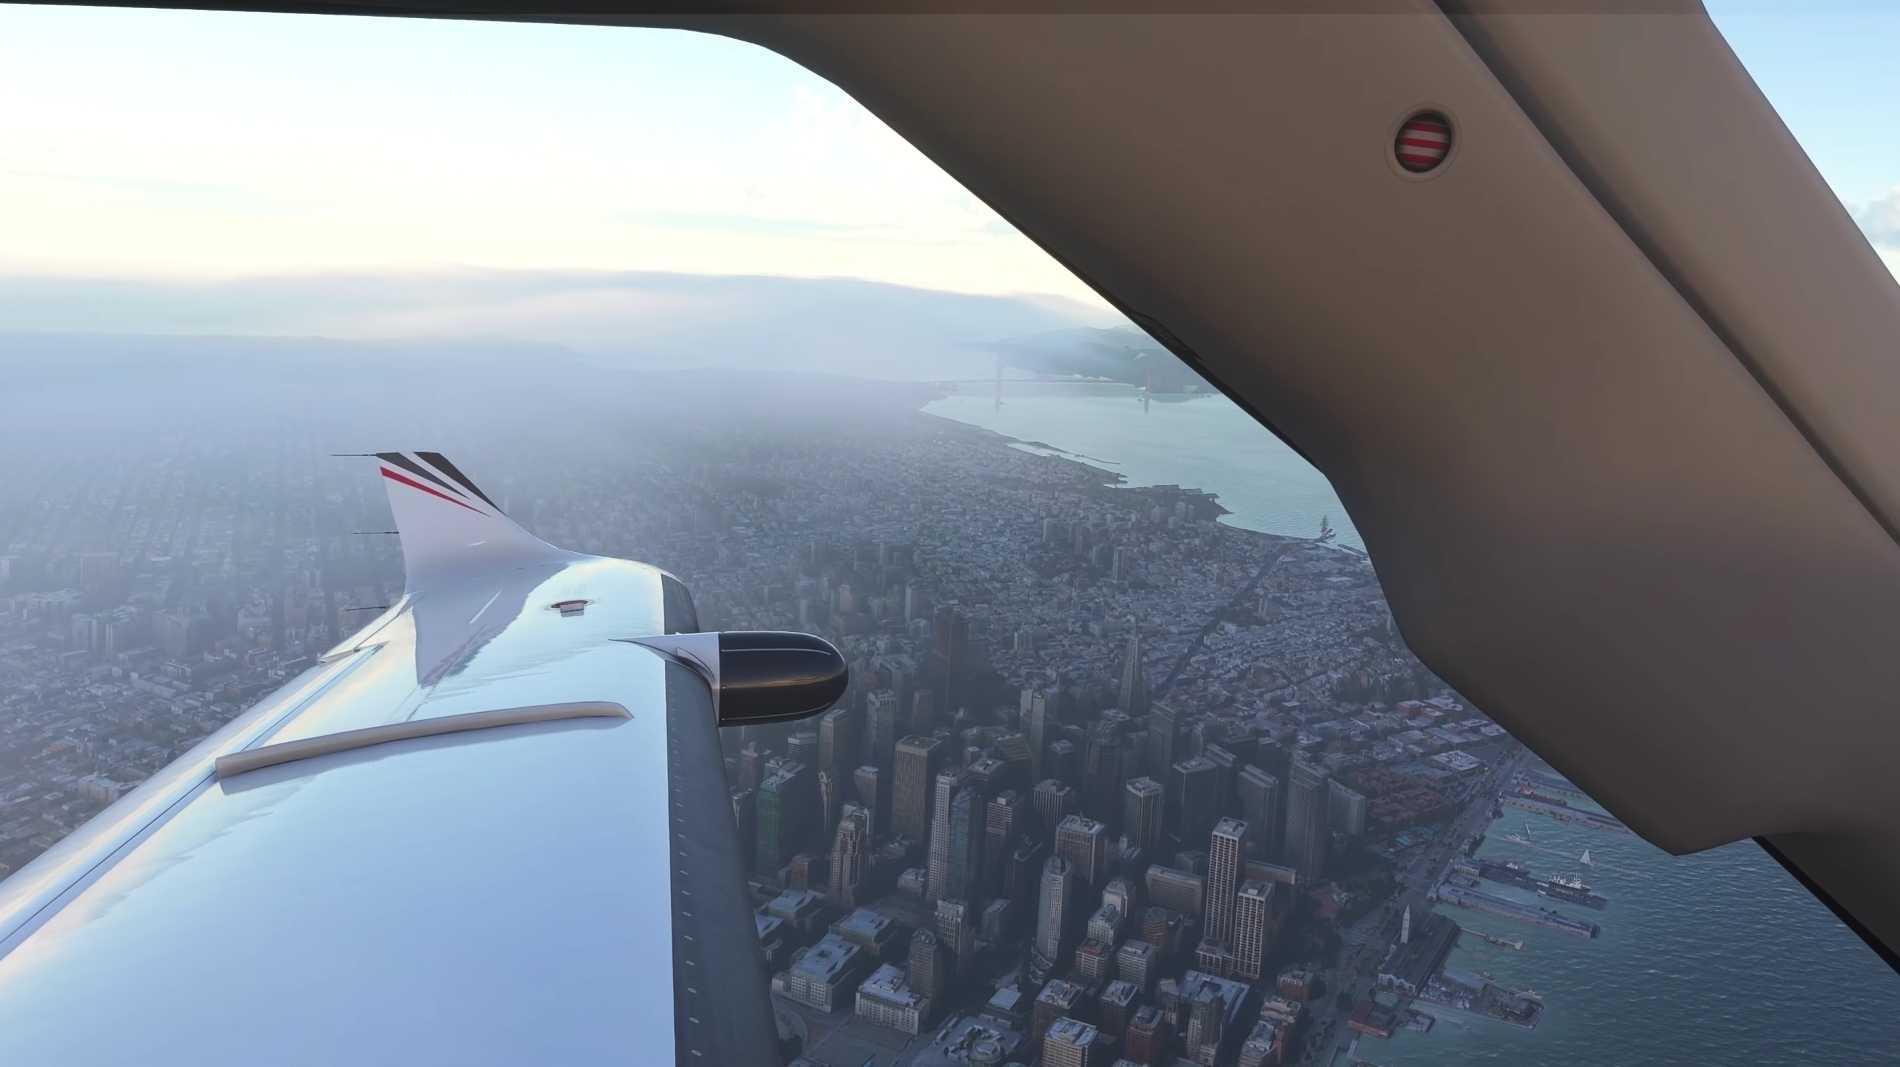 Microsoft Flight Simulator 2020: Nahezu fotorealistische Grafik dank HDR und KI